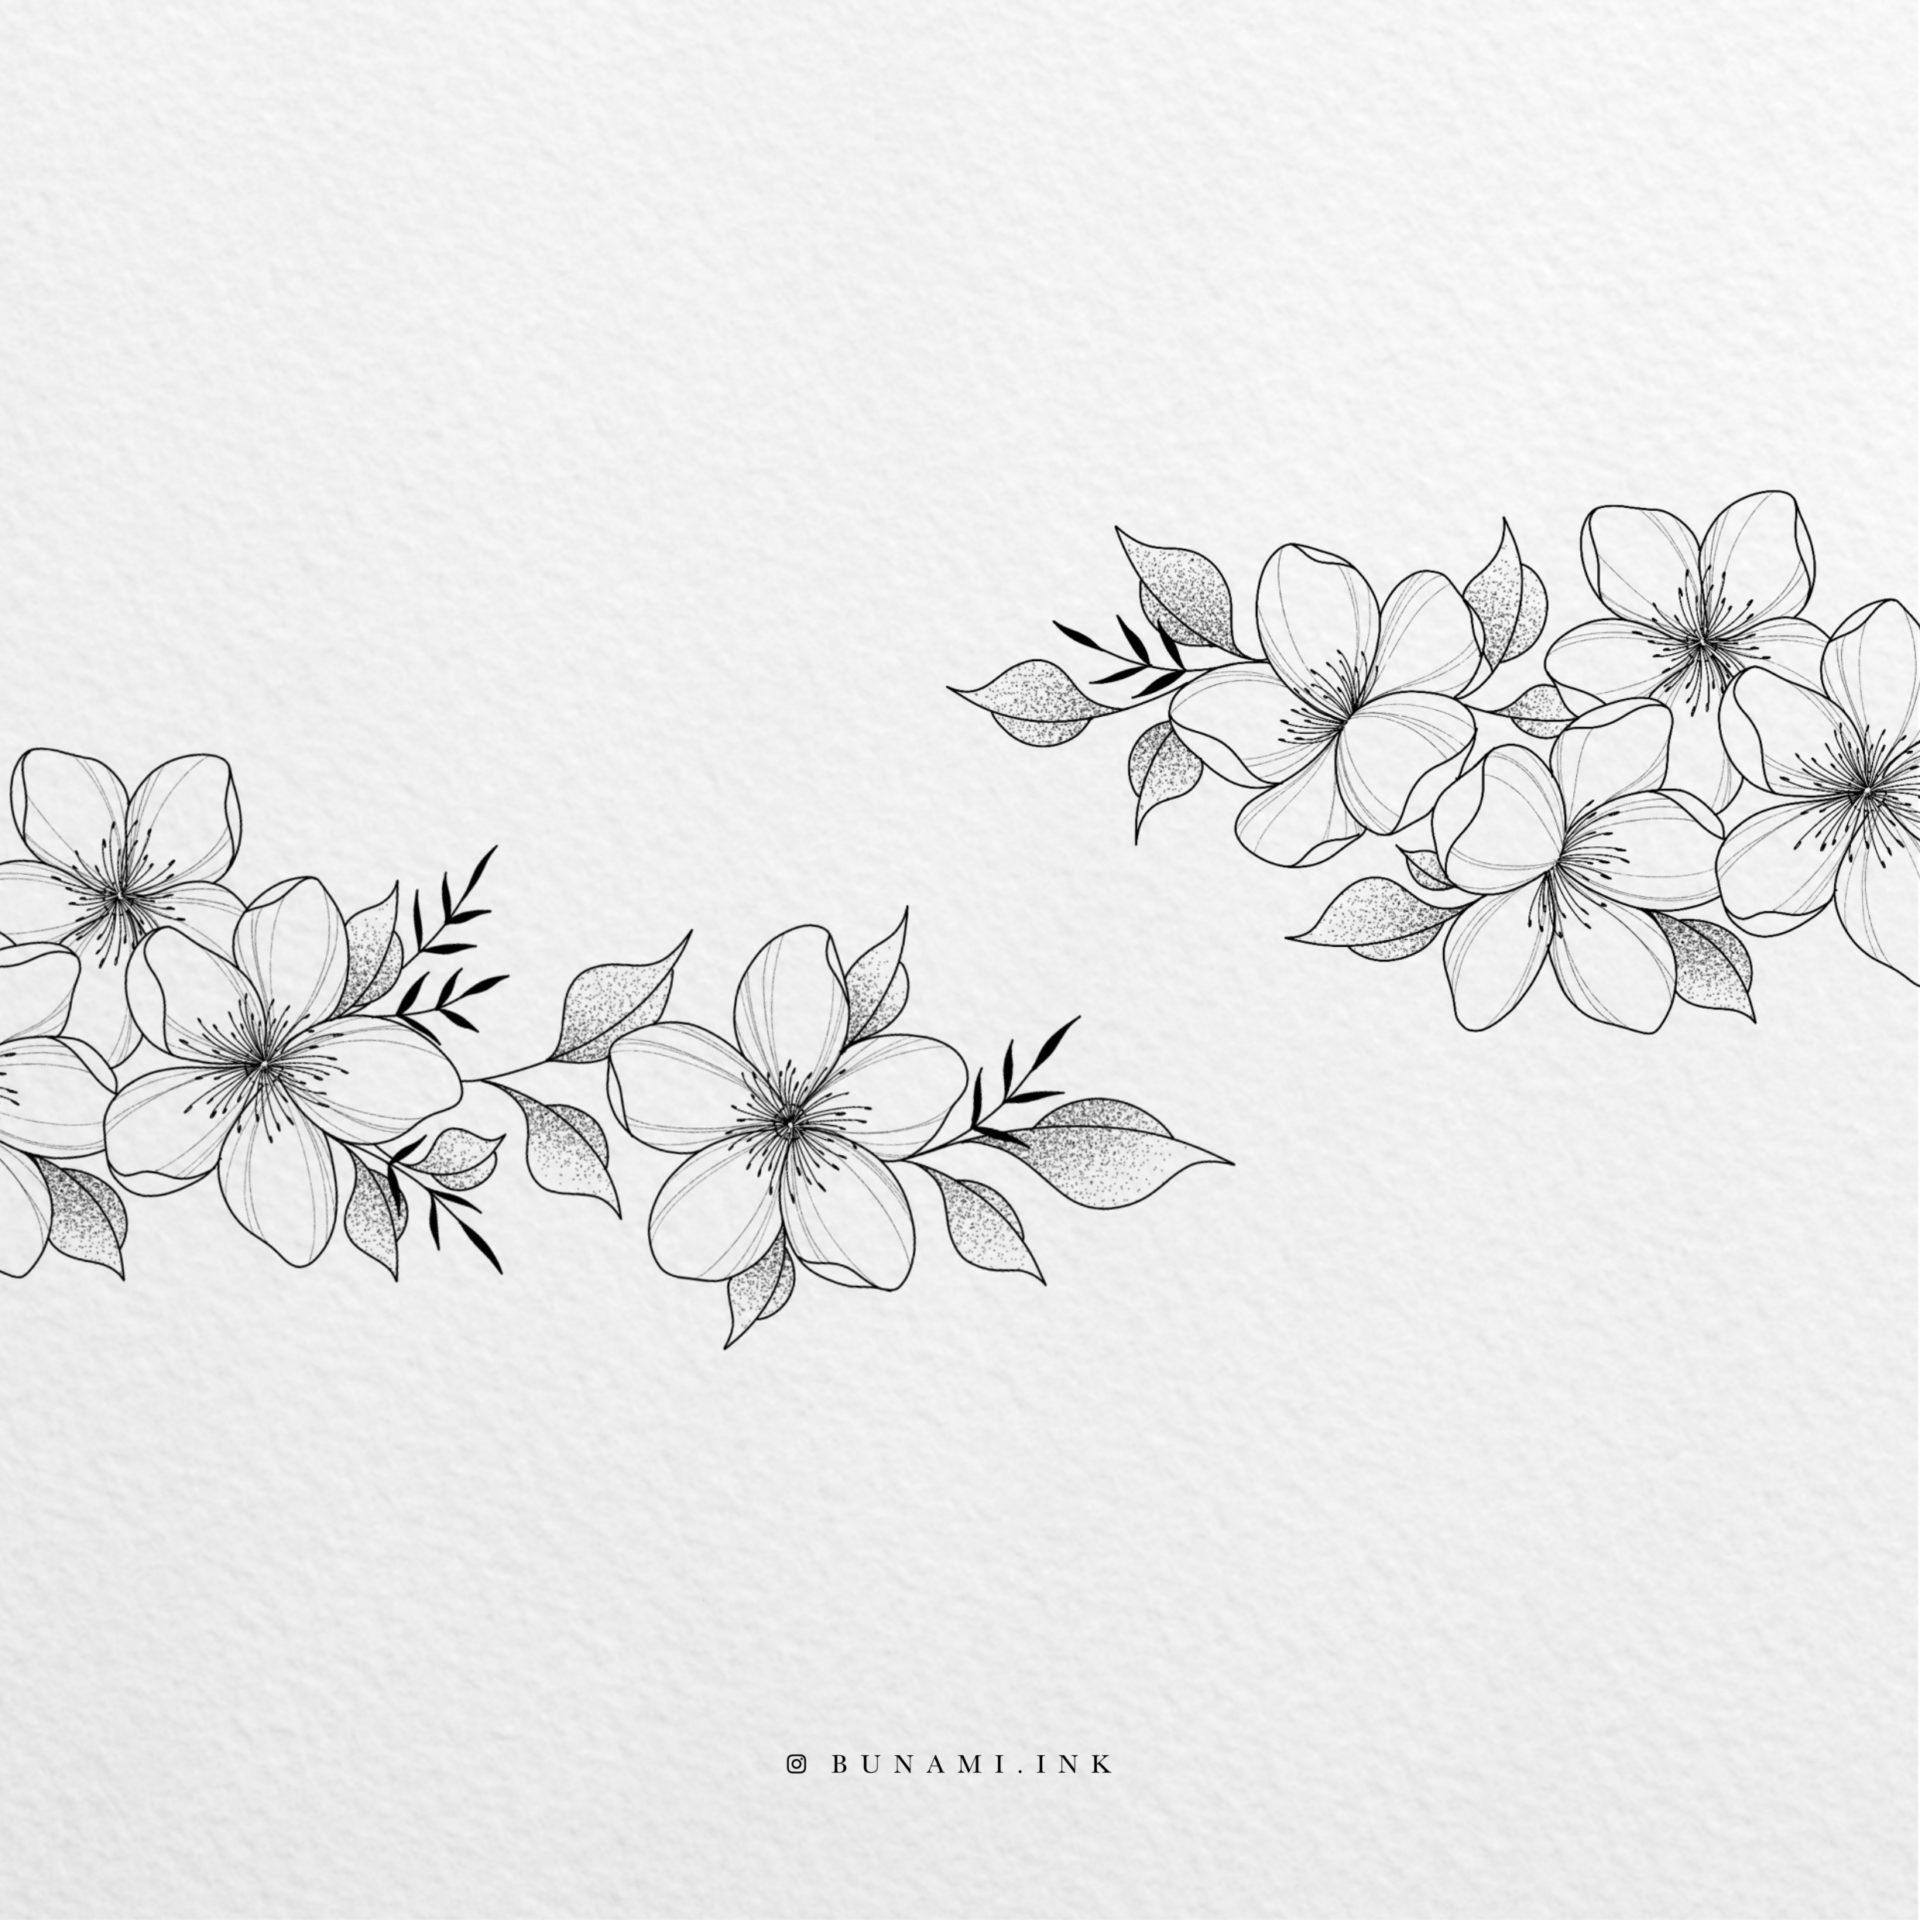 Tiny cherry blossom branch by Alina BUNAMI INK